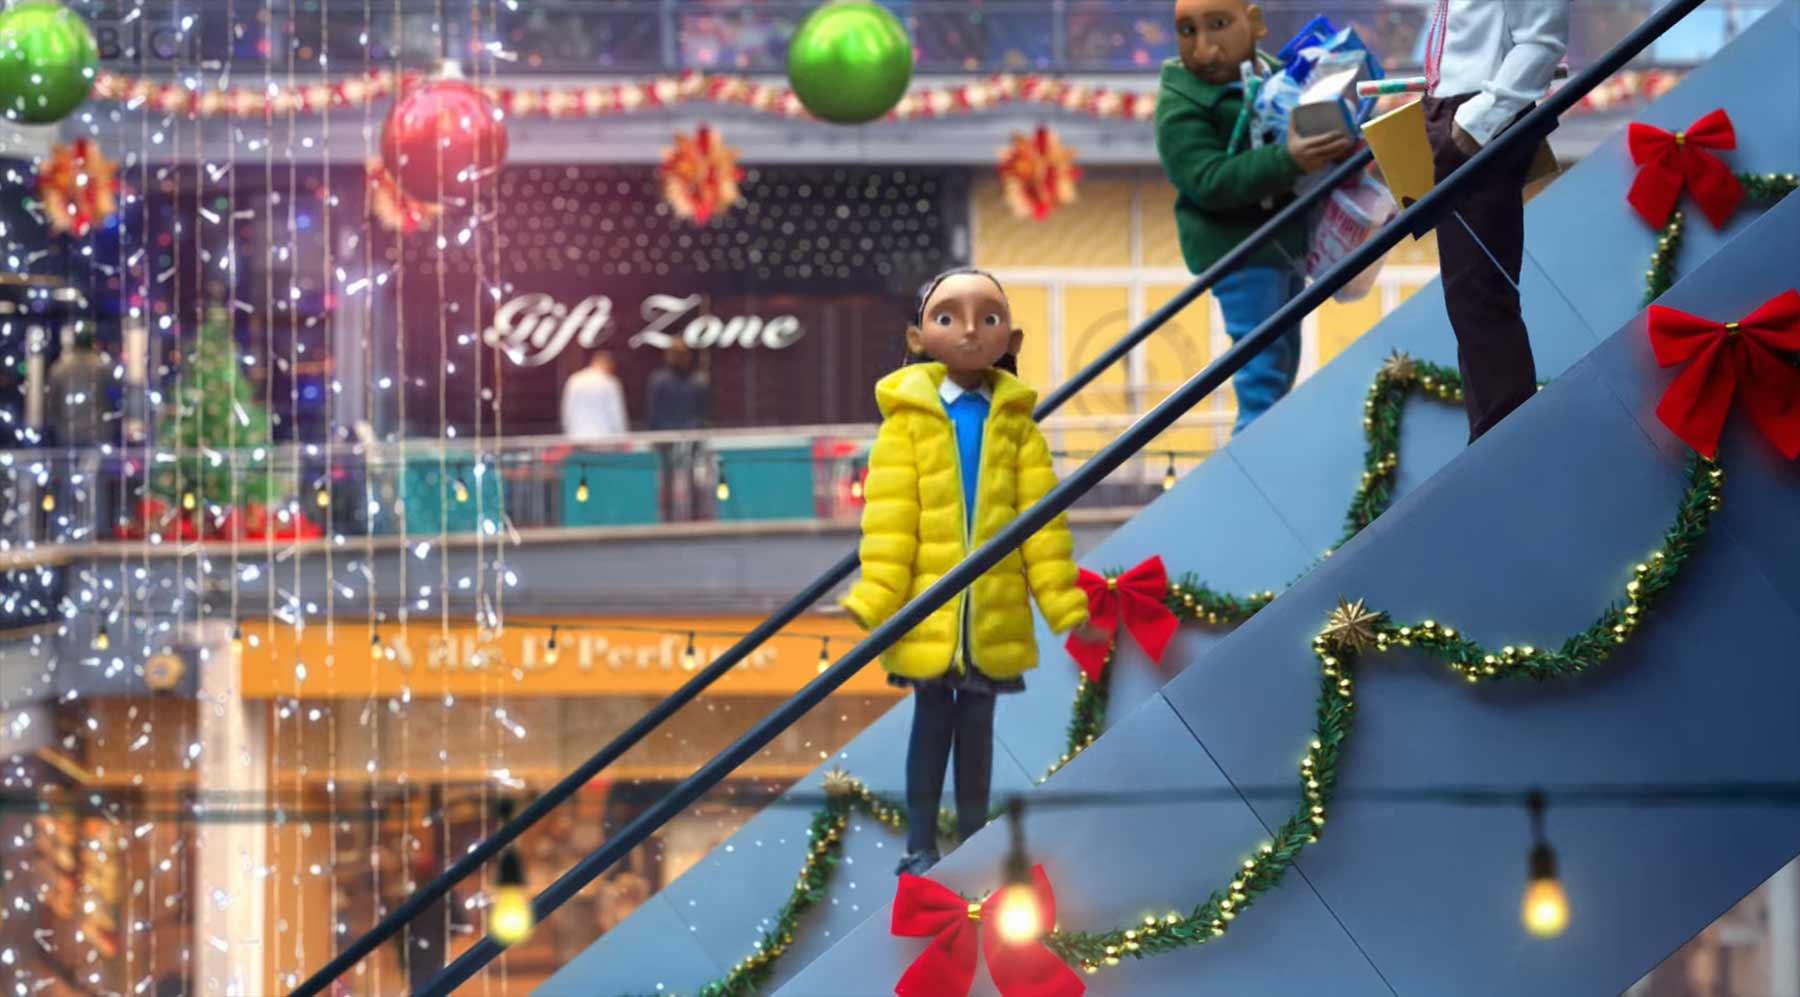 BBC One feiert Weihnachten als Fest der Familie